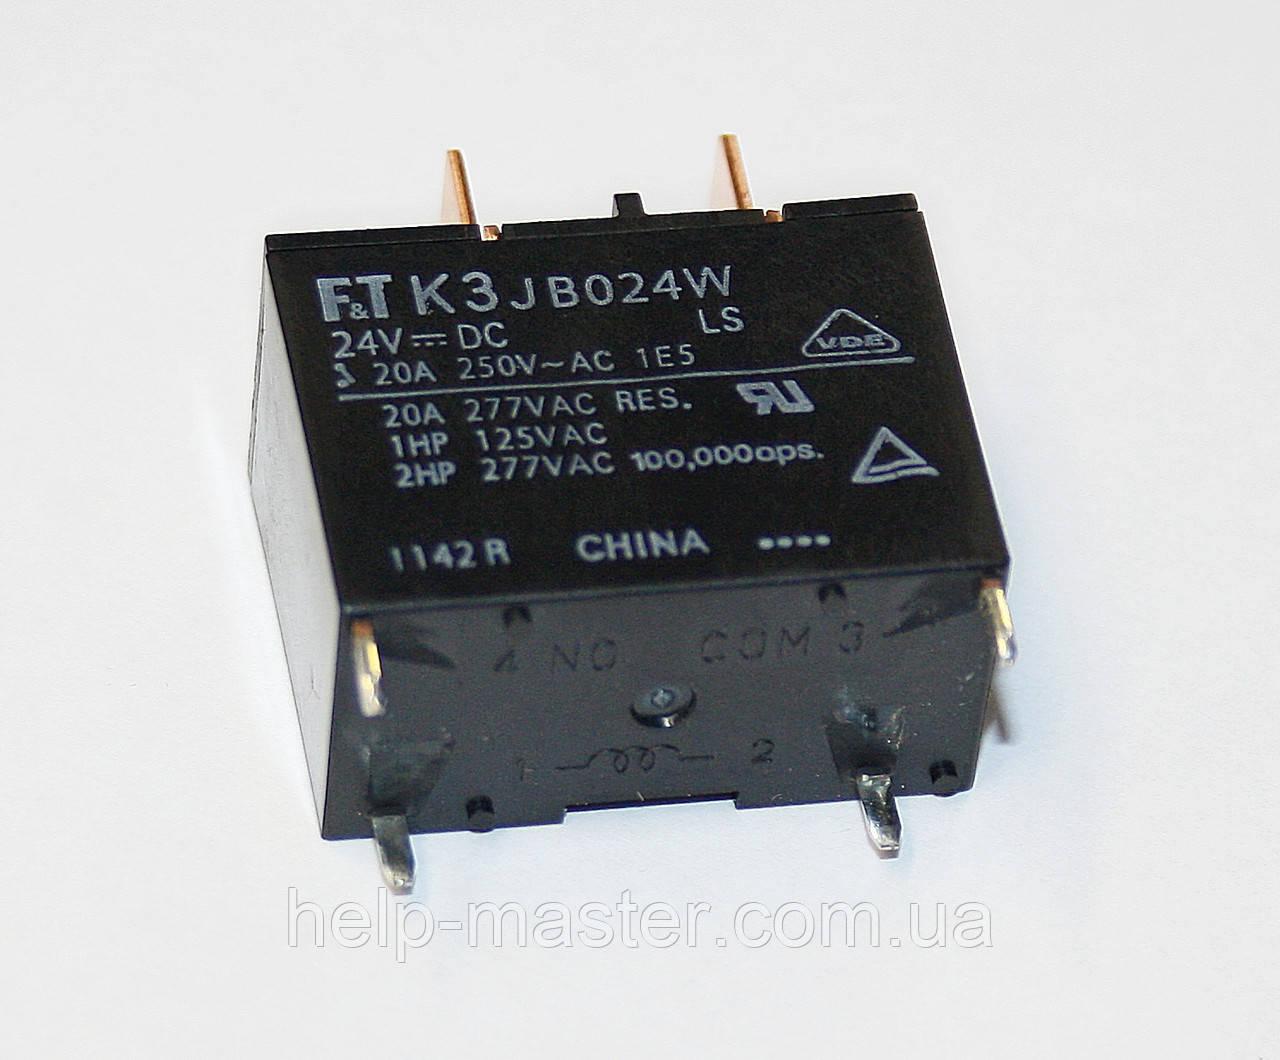 Реле FTR-K3 JB024W (24VDC)